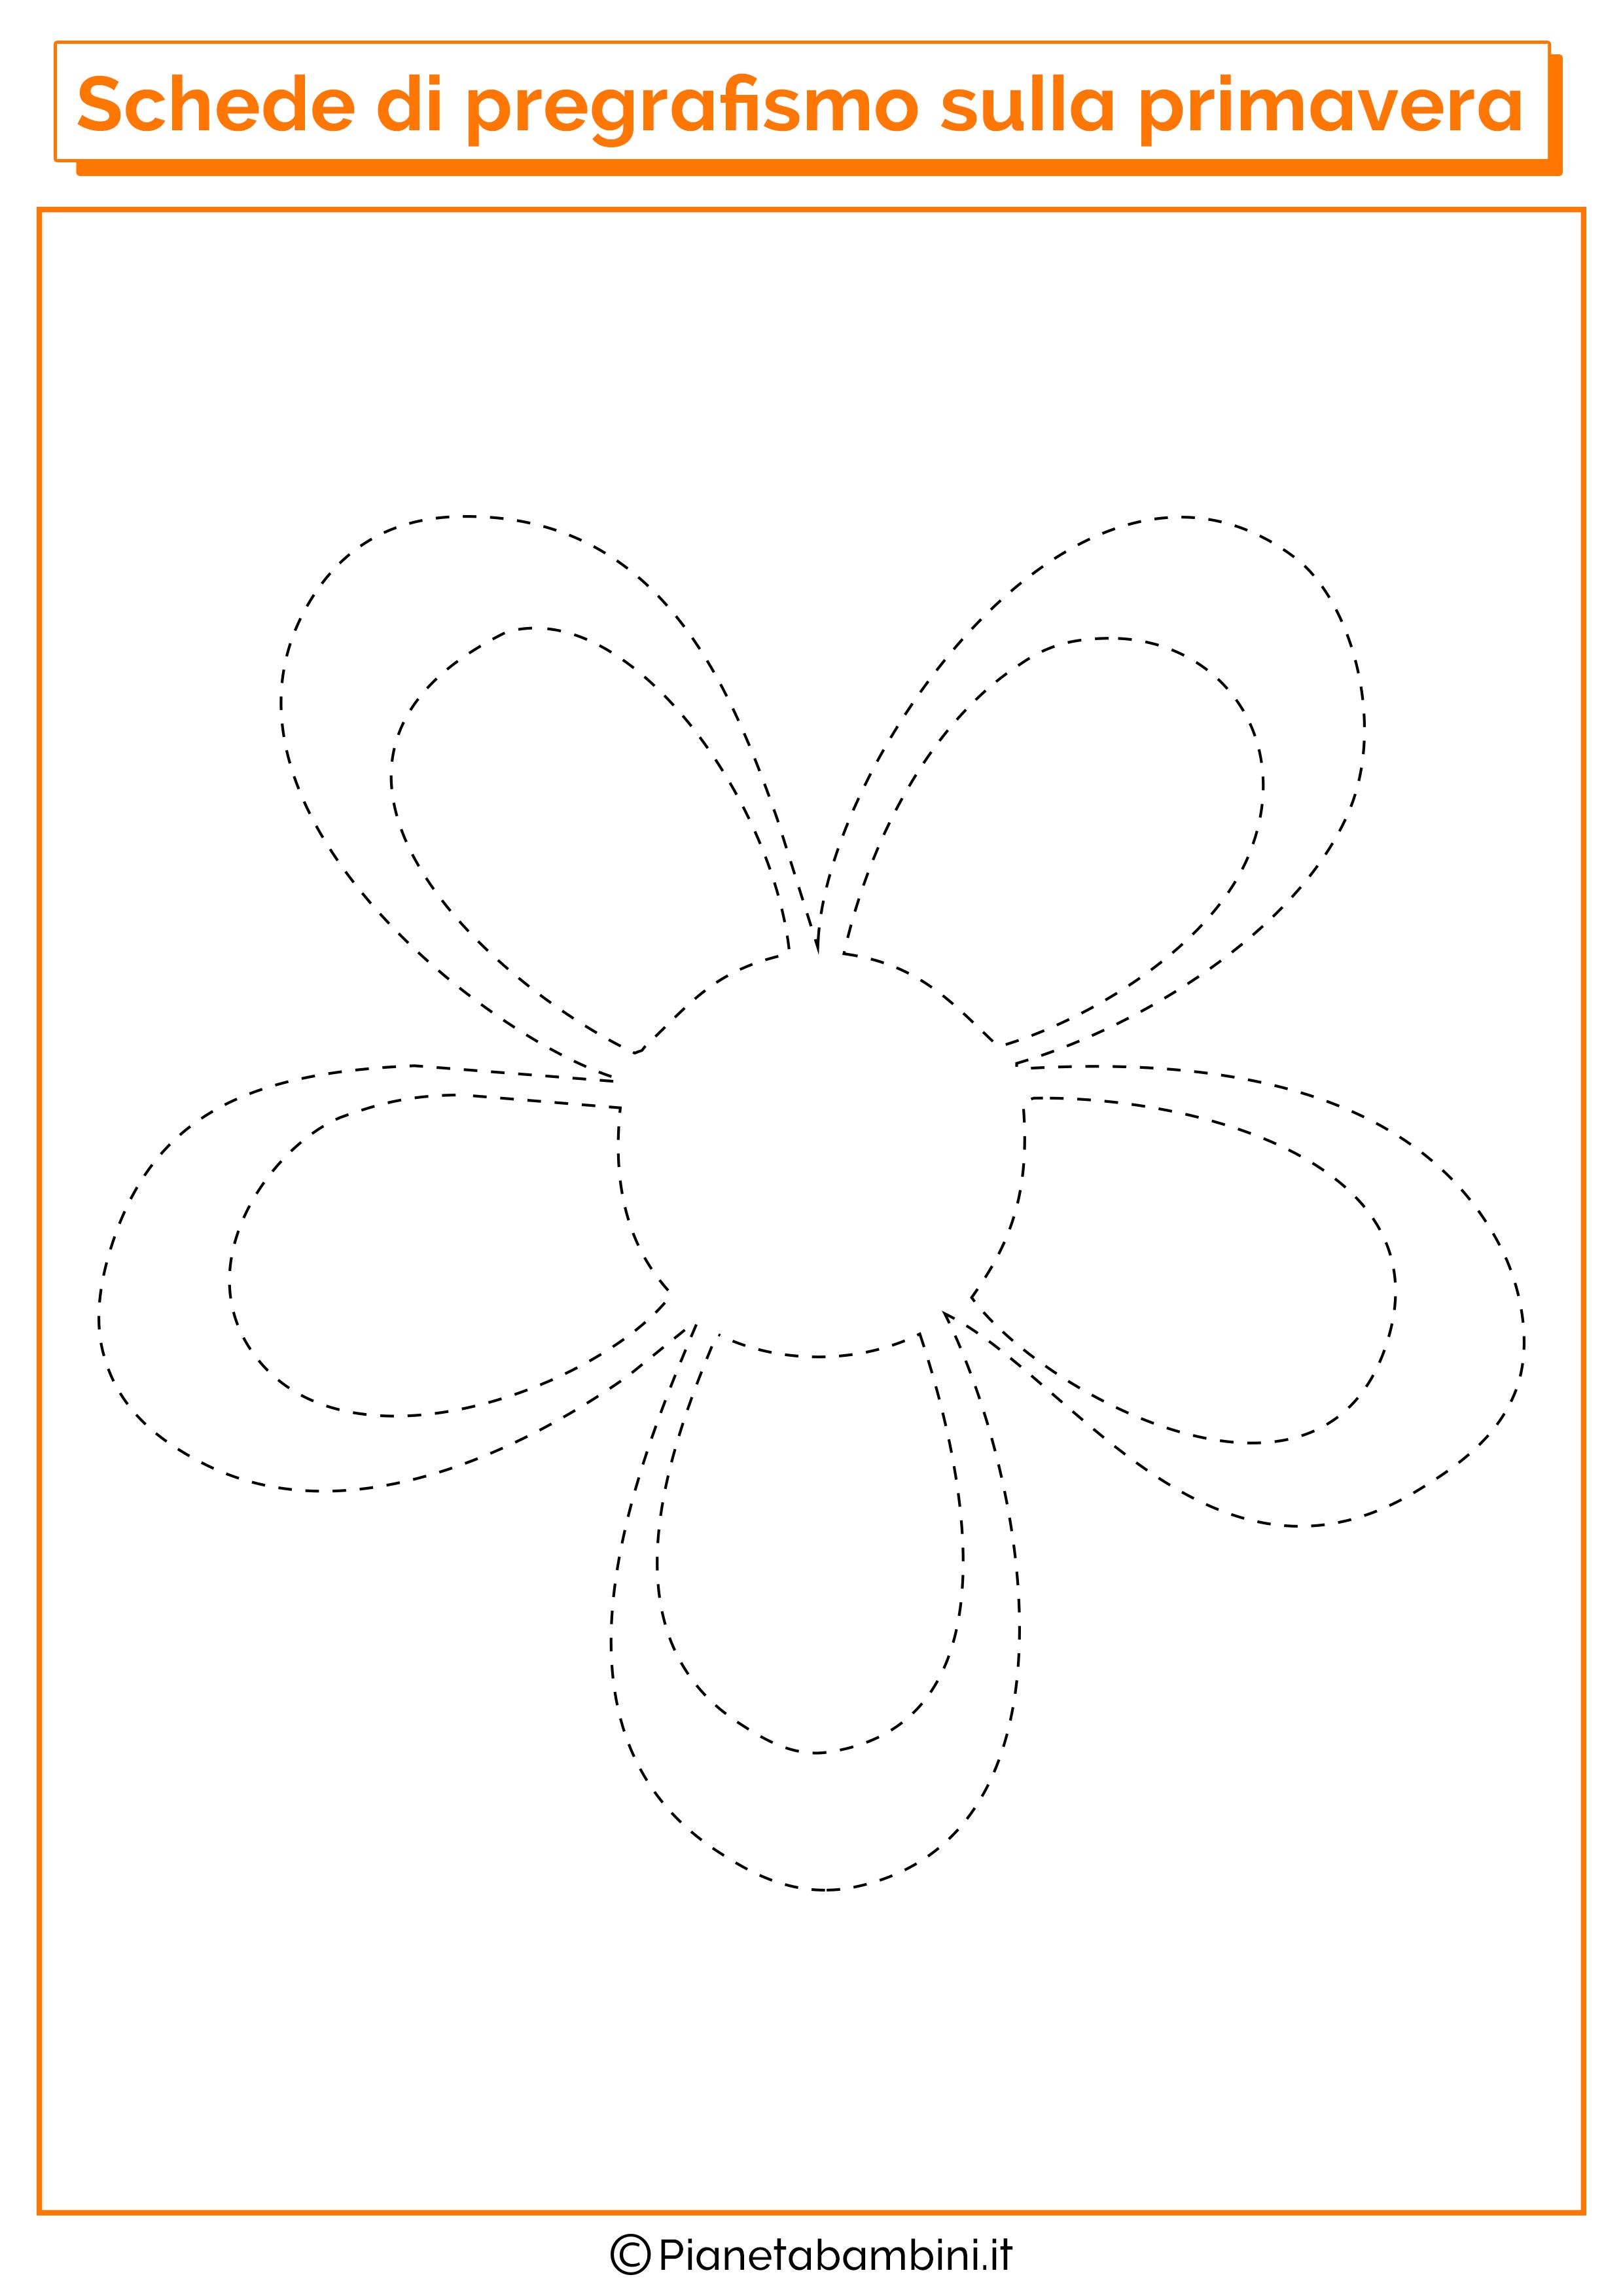 Pregrafismo-Primavera-Fiore-3